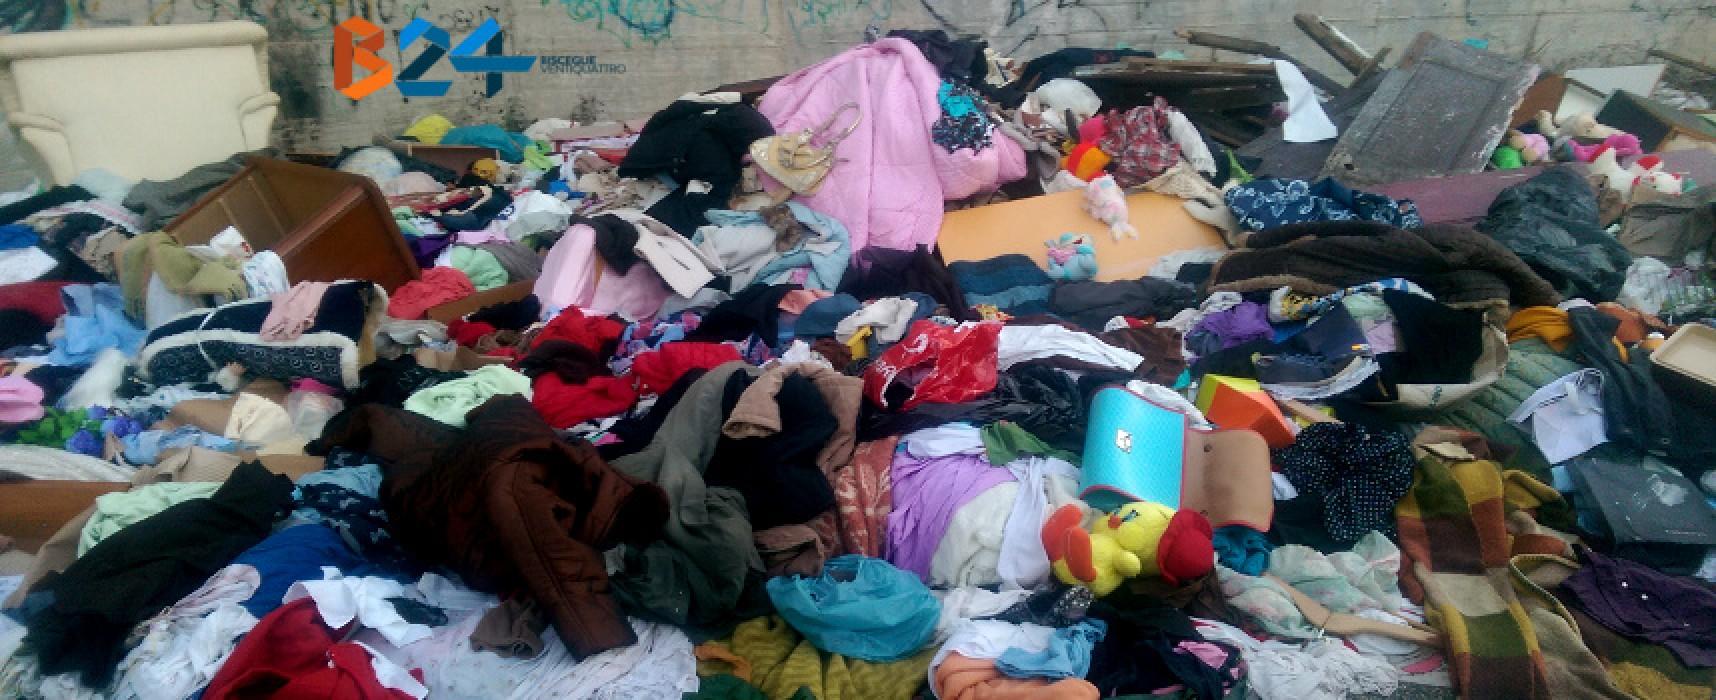 Rifiuti in via Crosta, scoperta una gigantesca discarica di capi d'abbigliamento / FOTO